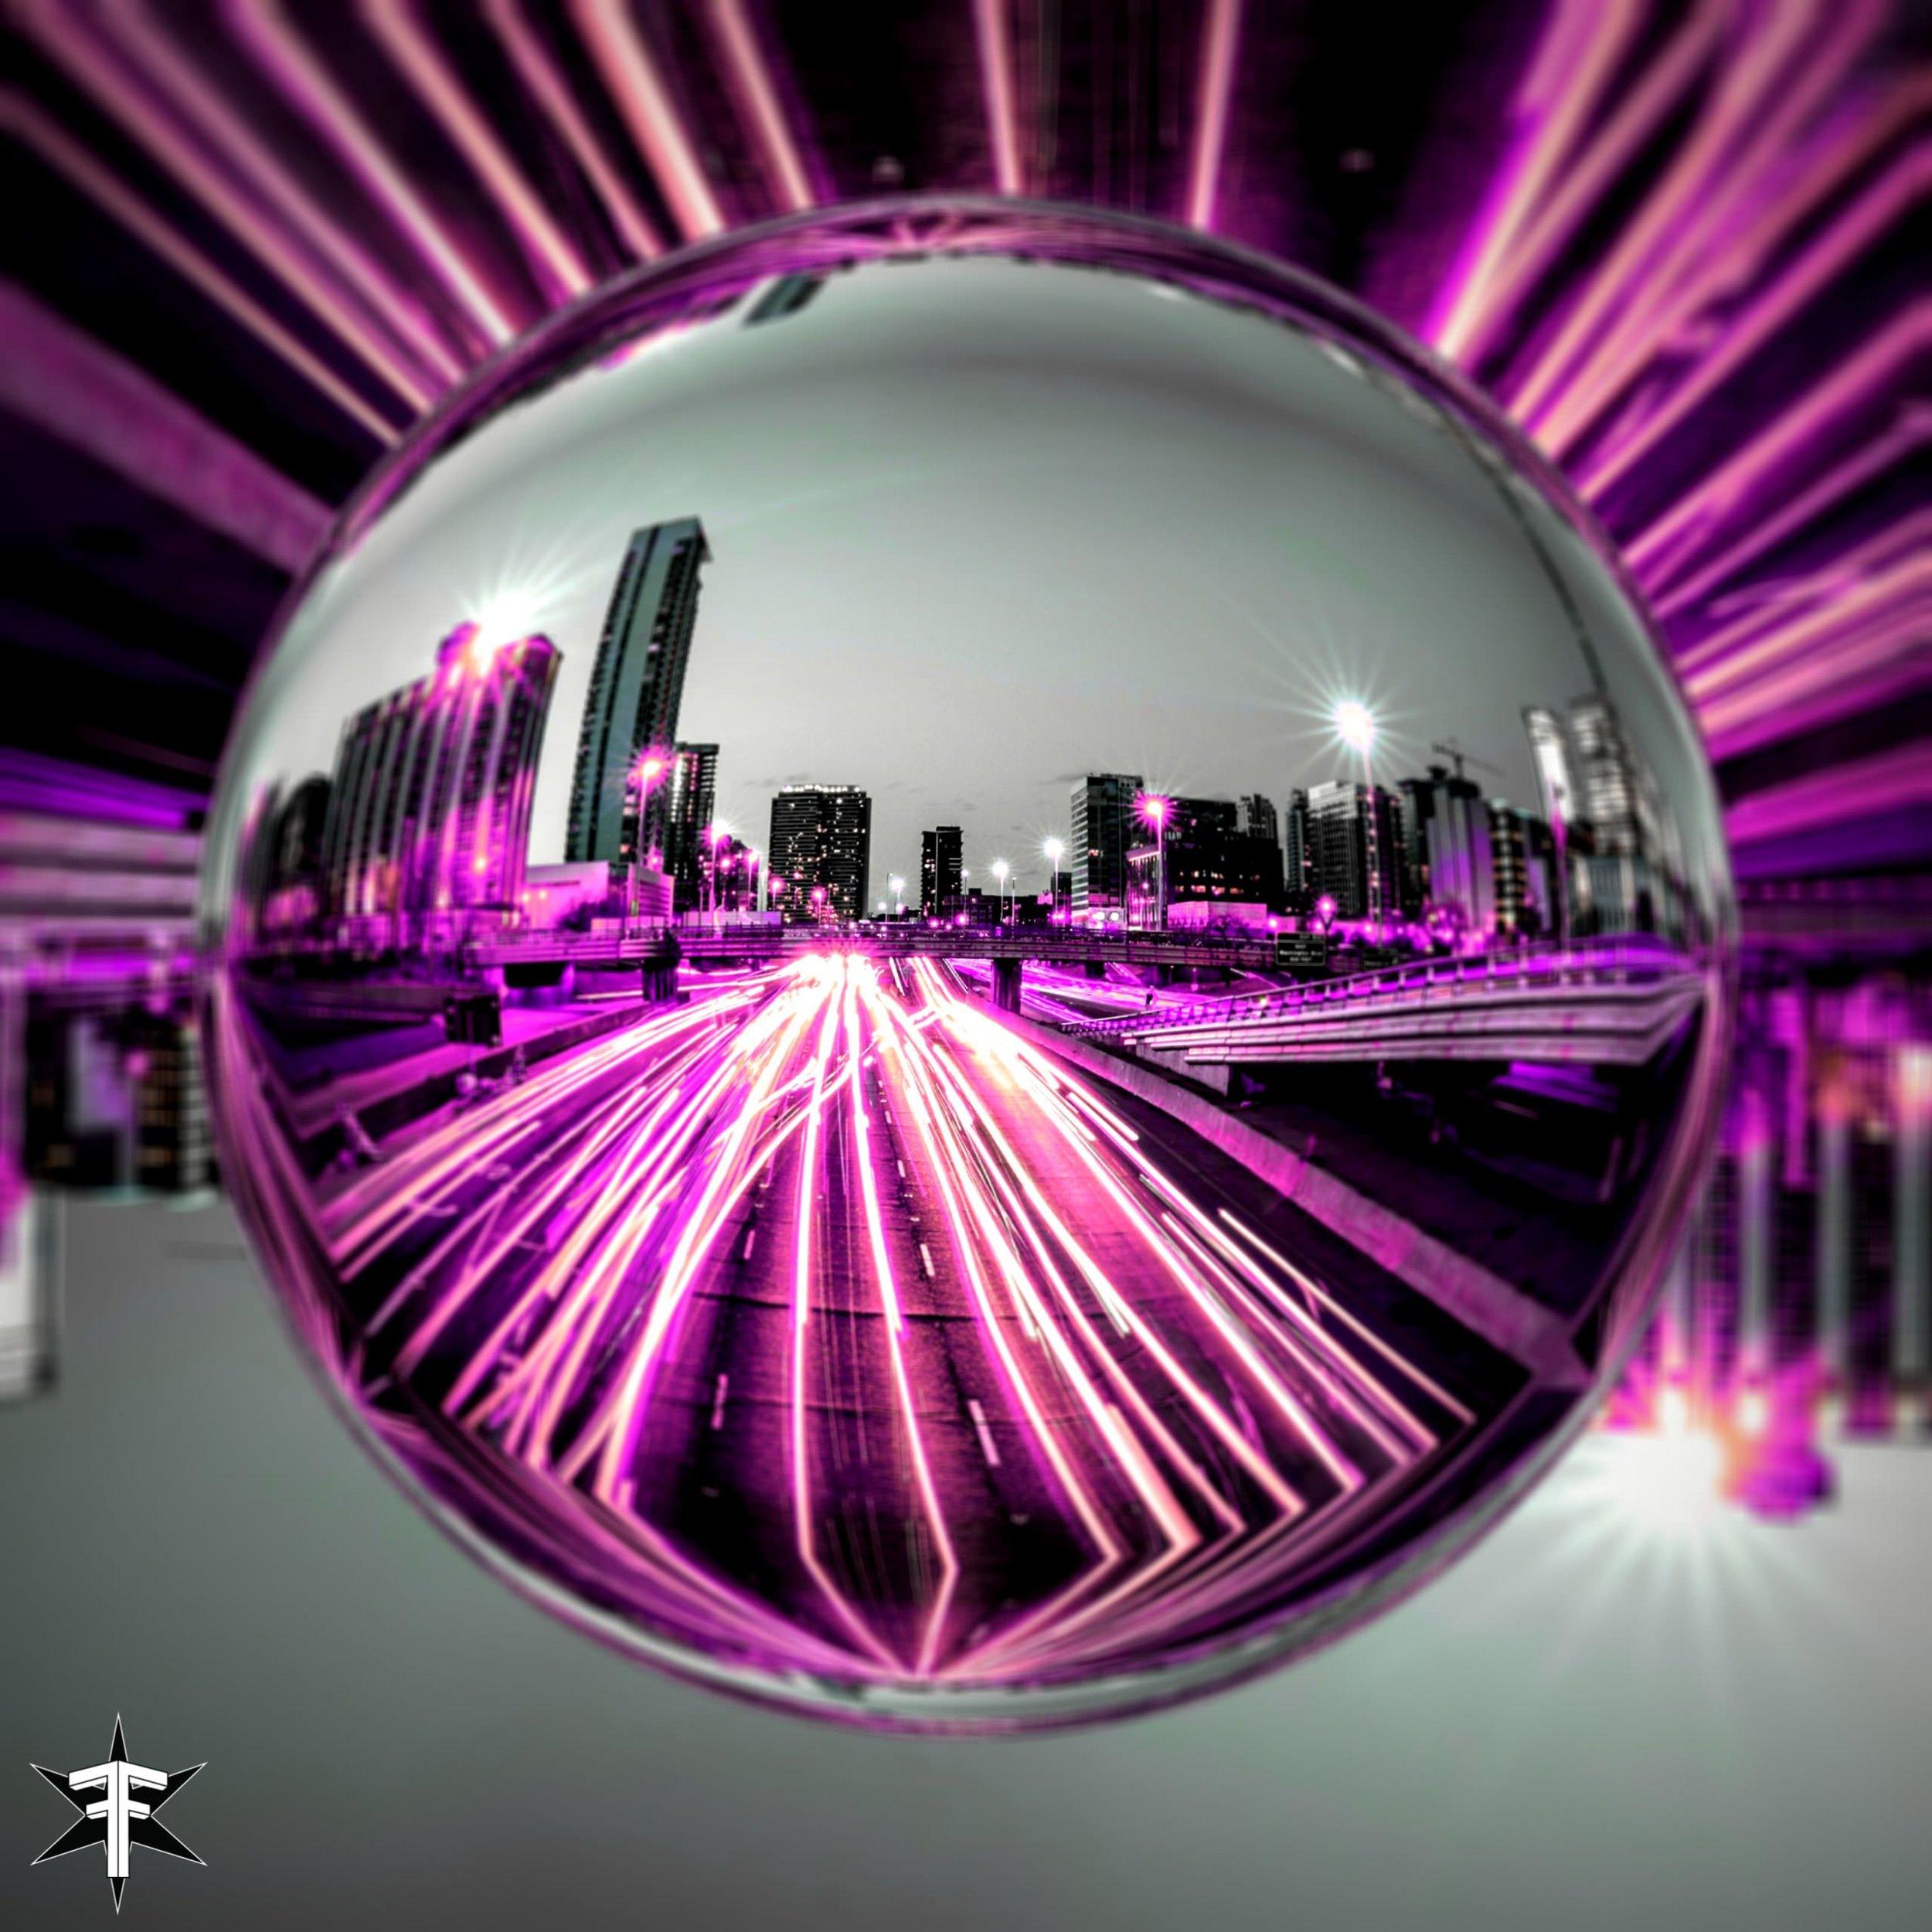 2386_mirror6.jpg